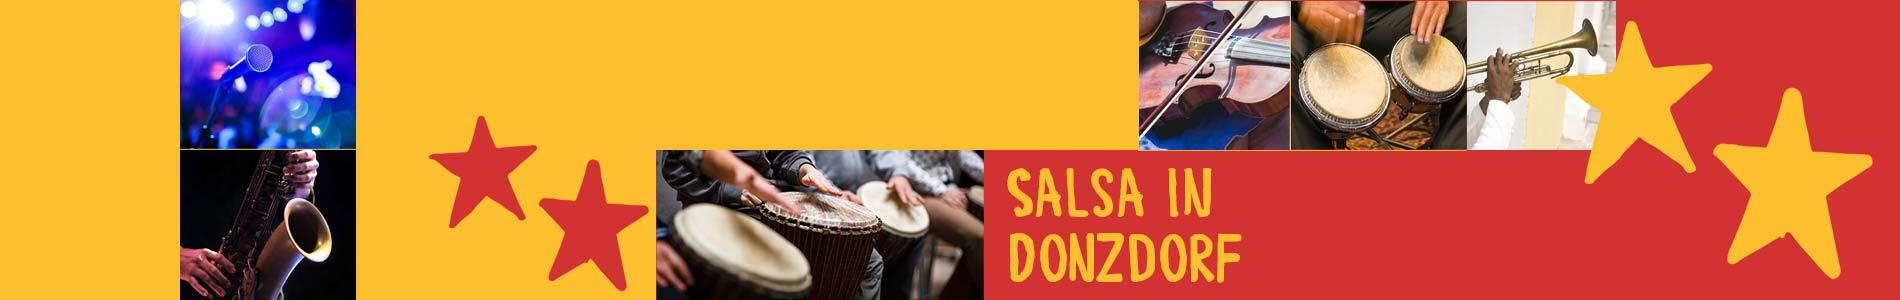 Salsa in Donzdorf – Salsa lernen und tanzen, Tanzkurse, Partys, Veranstaltungen